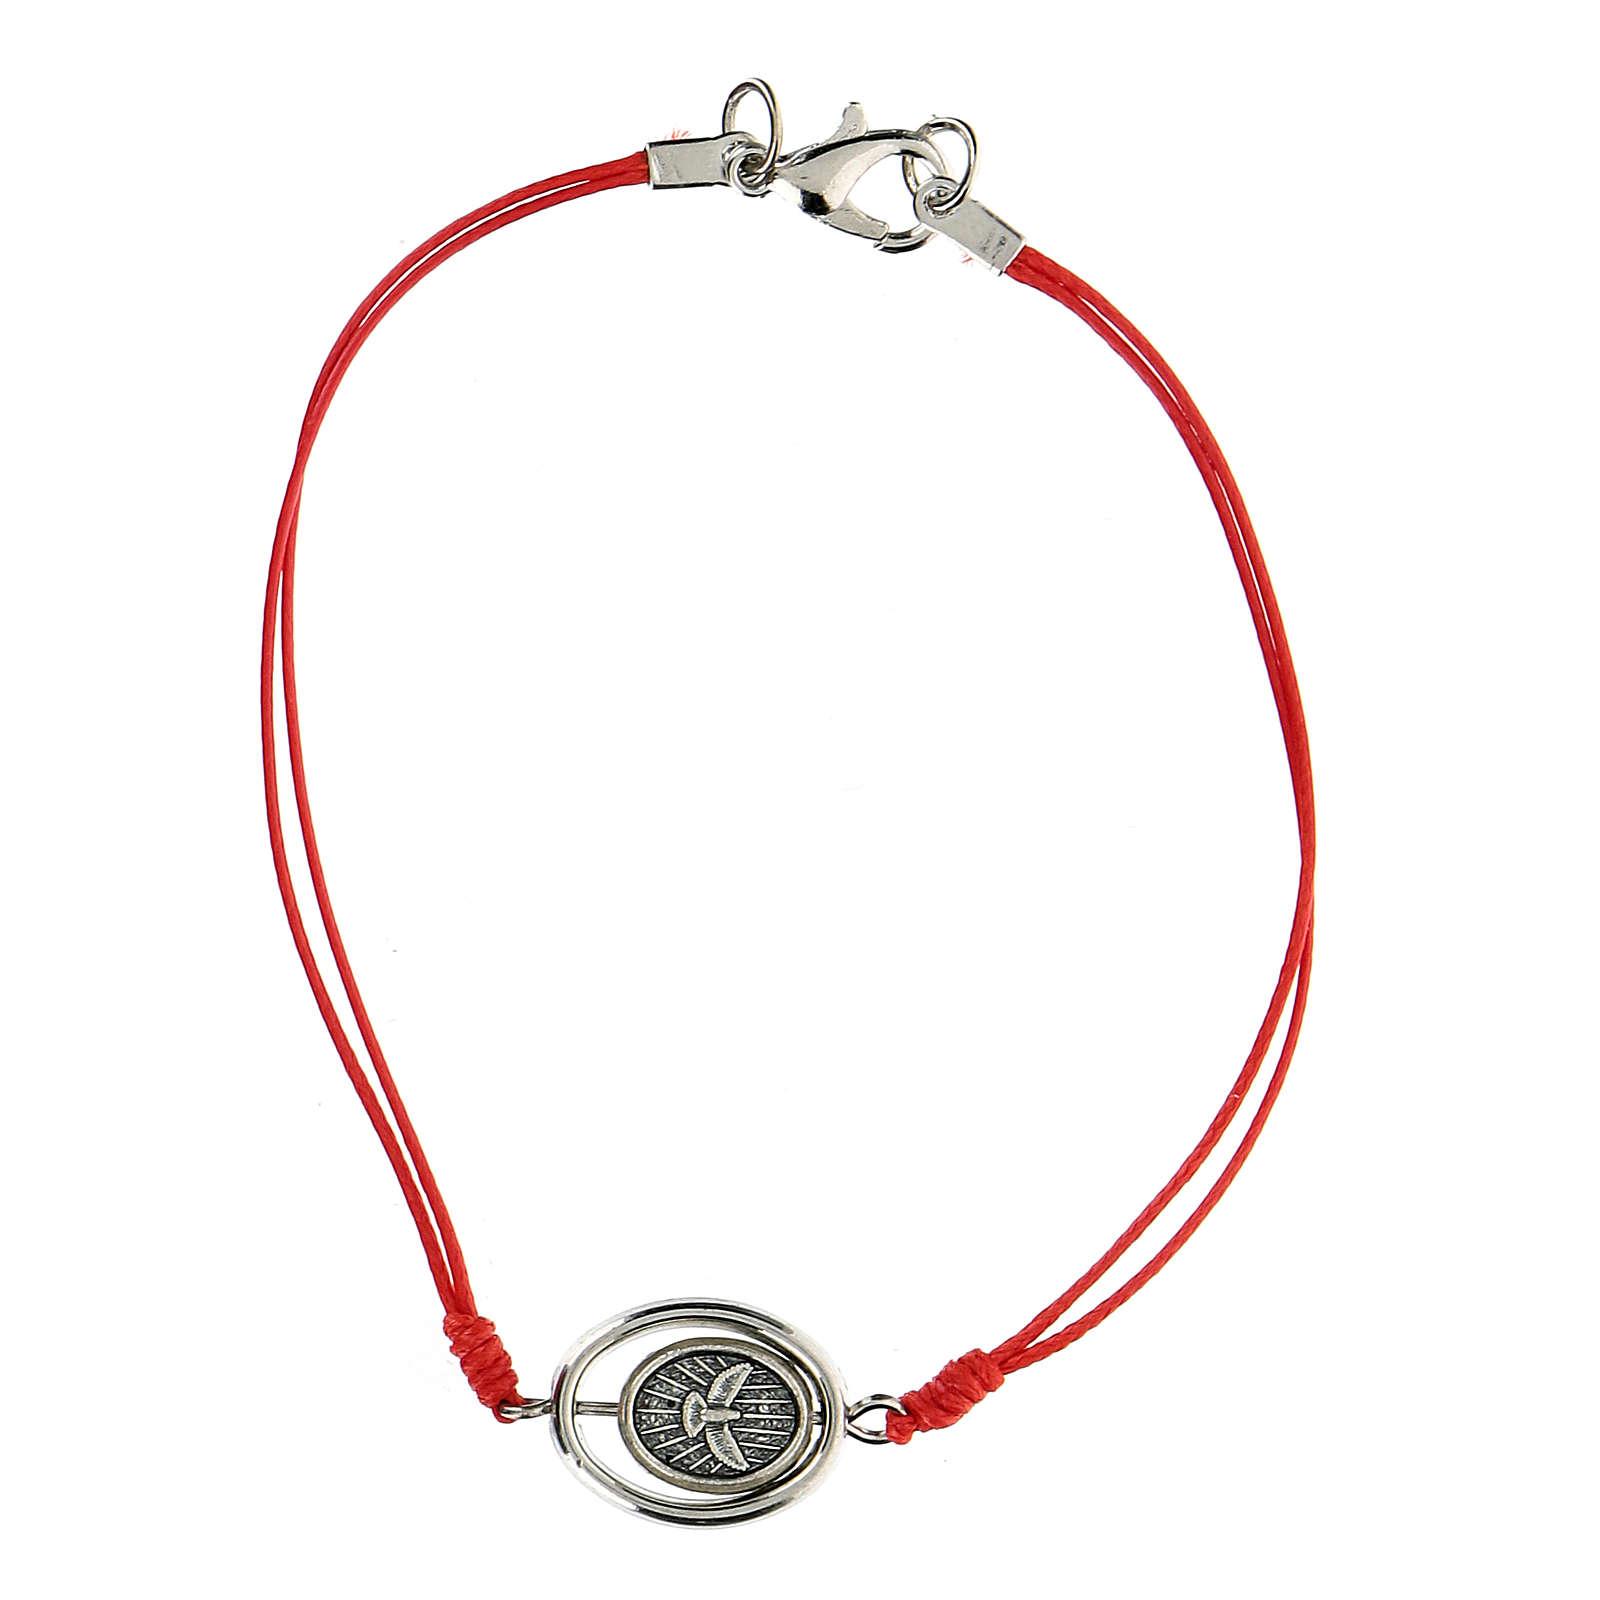 Braccialetto Santa Famiglia corda rossa 9 mm 4